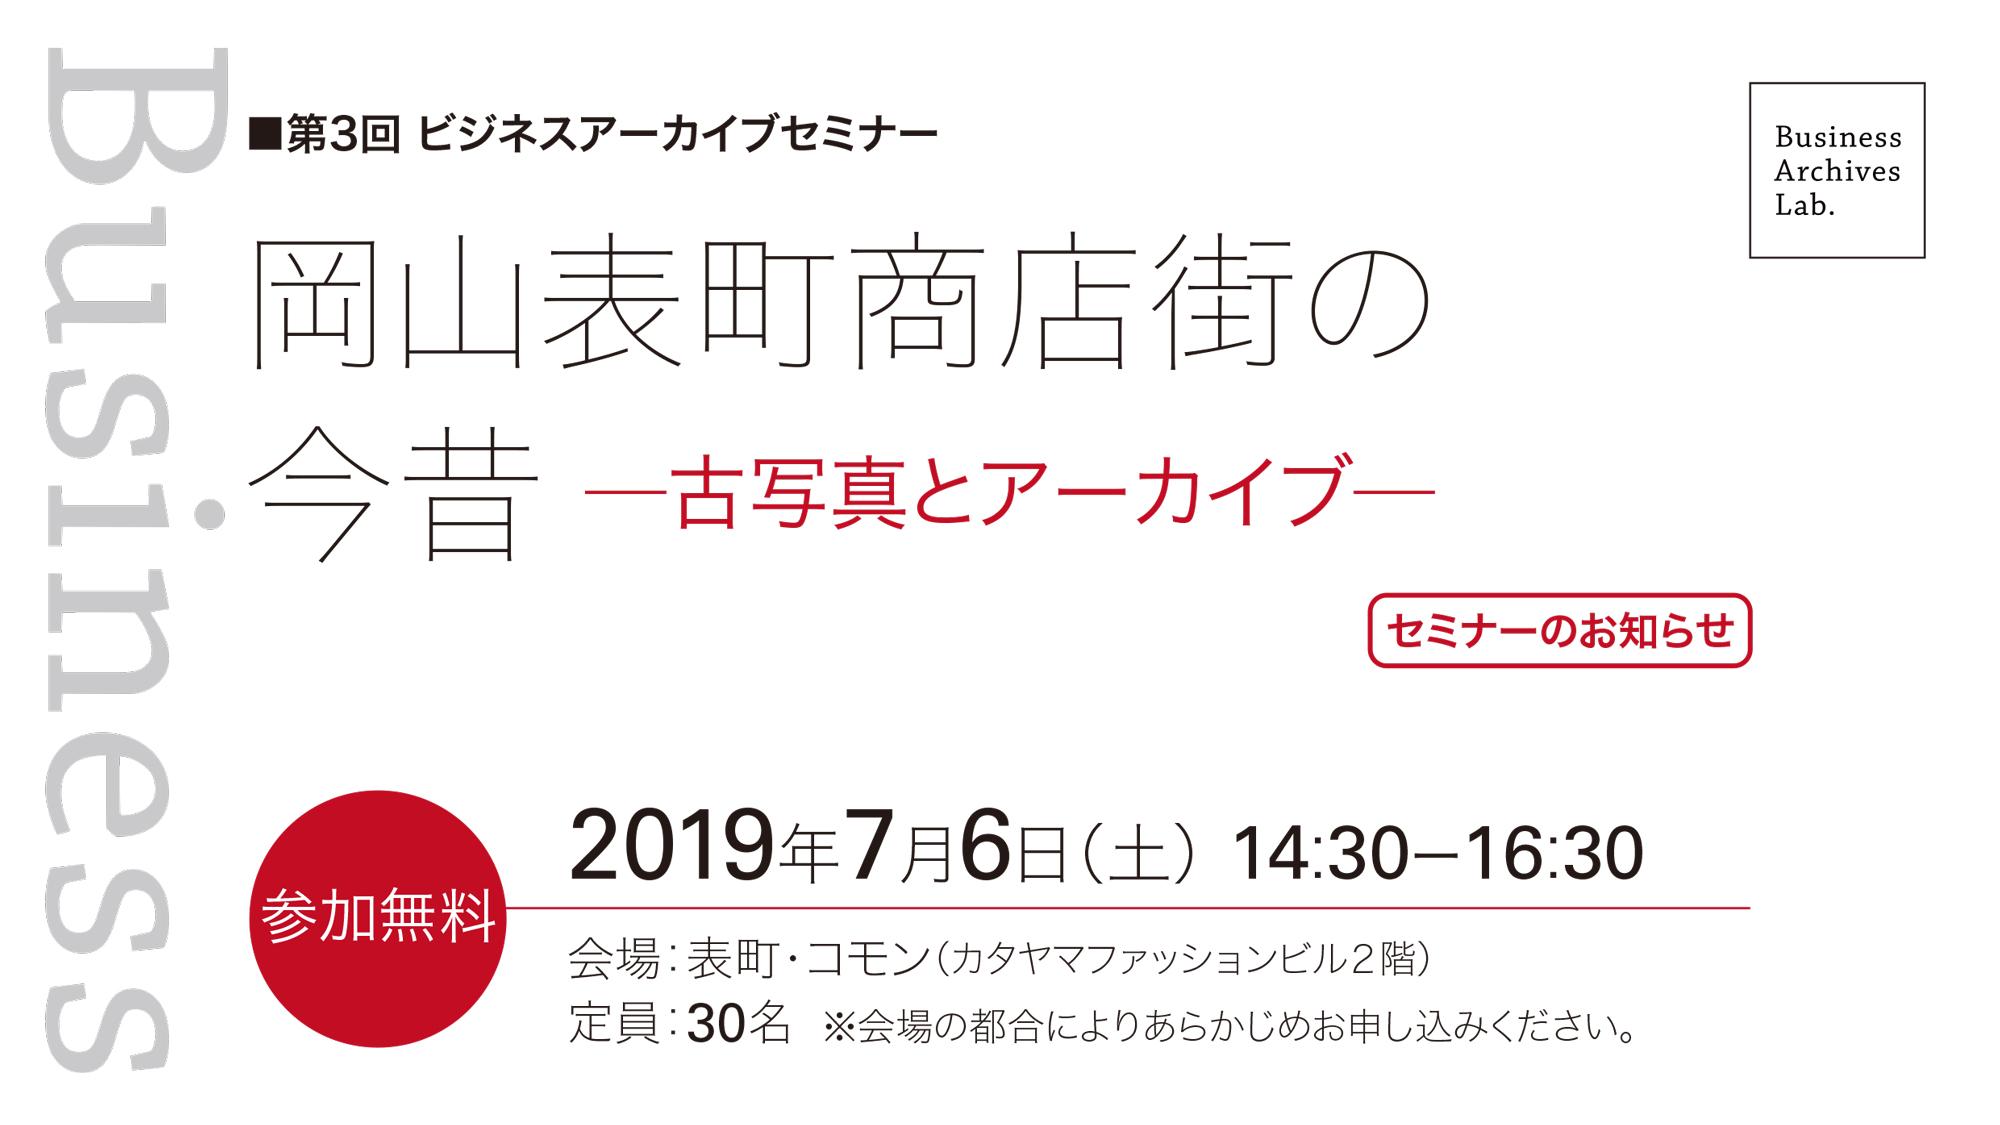 第3回 ビジネスアーカイブセミナーのご案内(2019年7月6日開催)